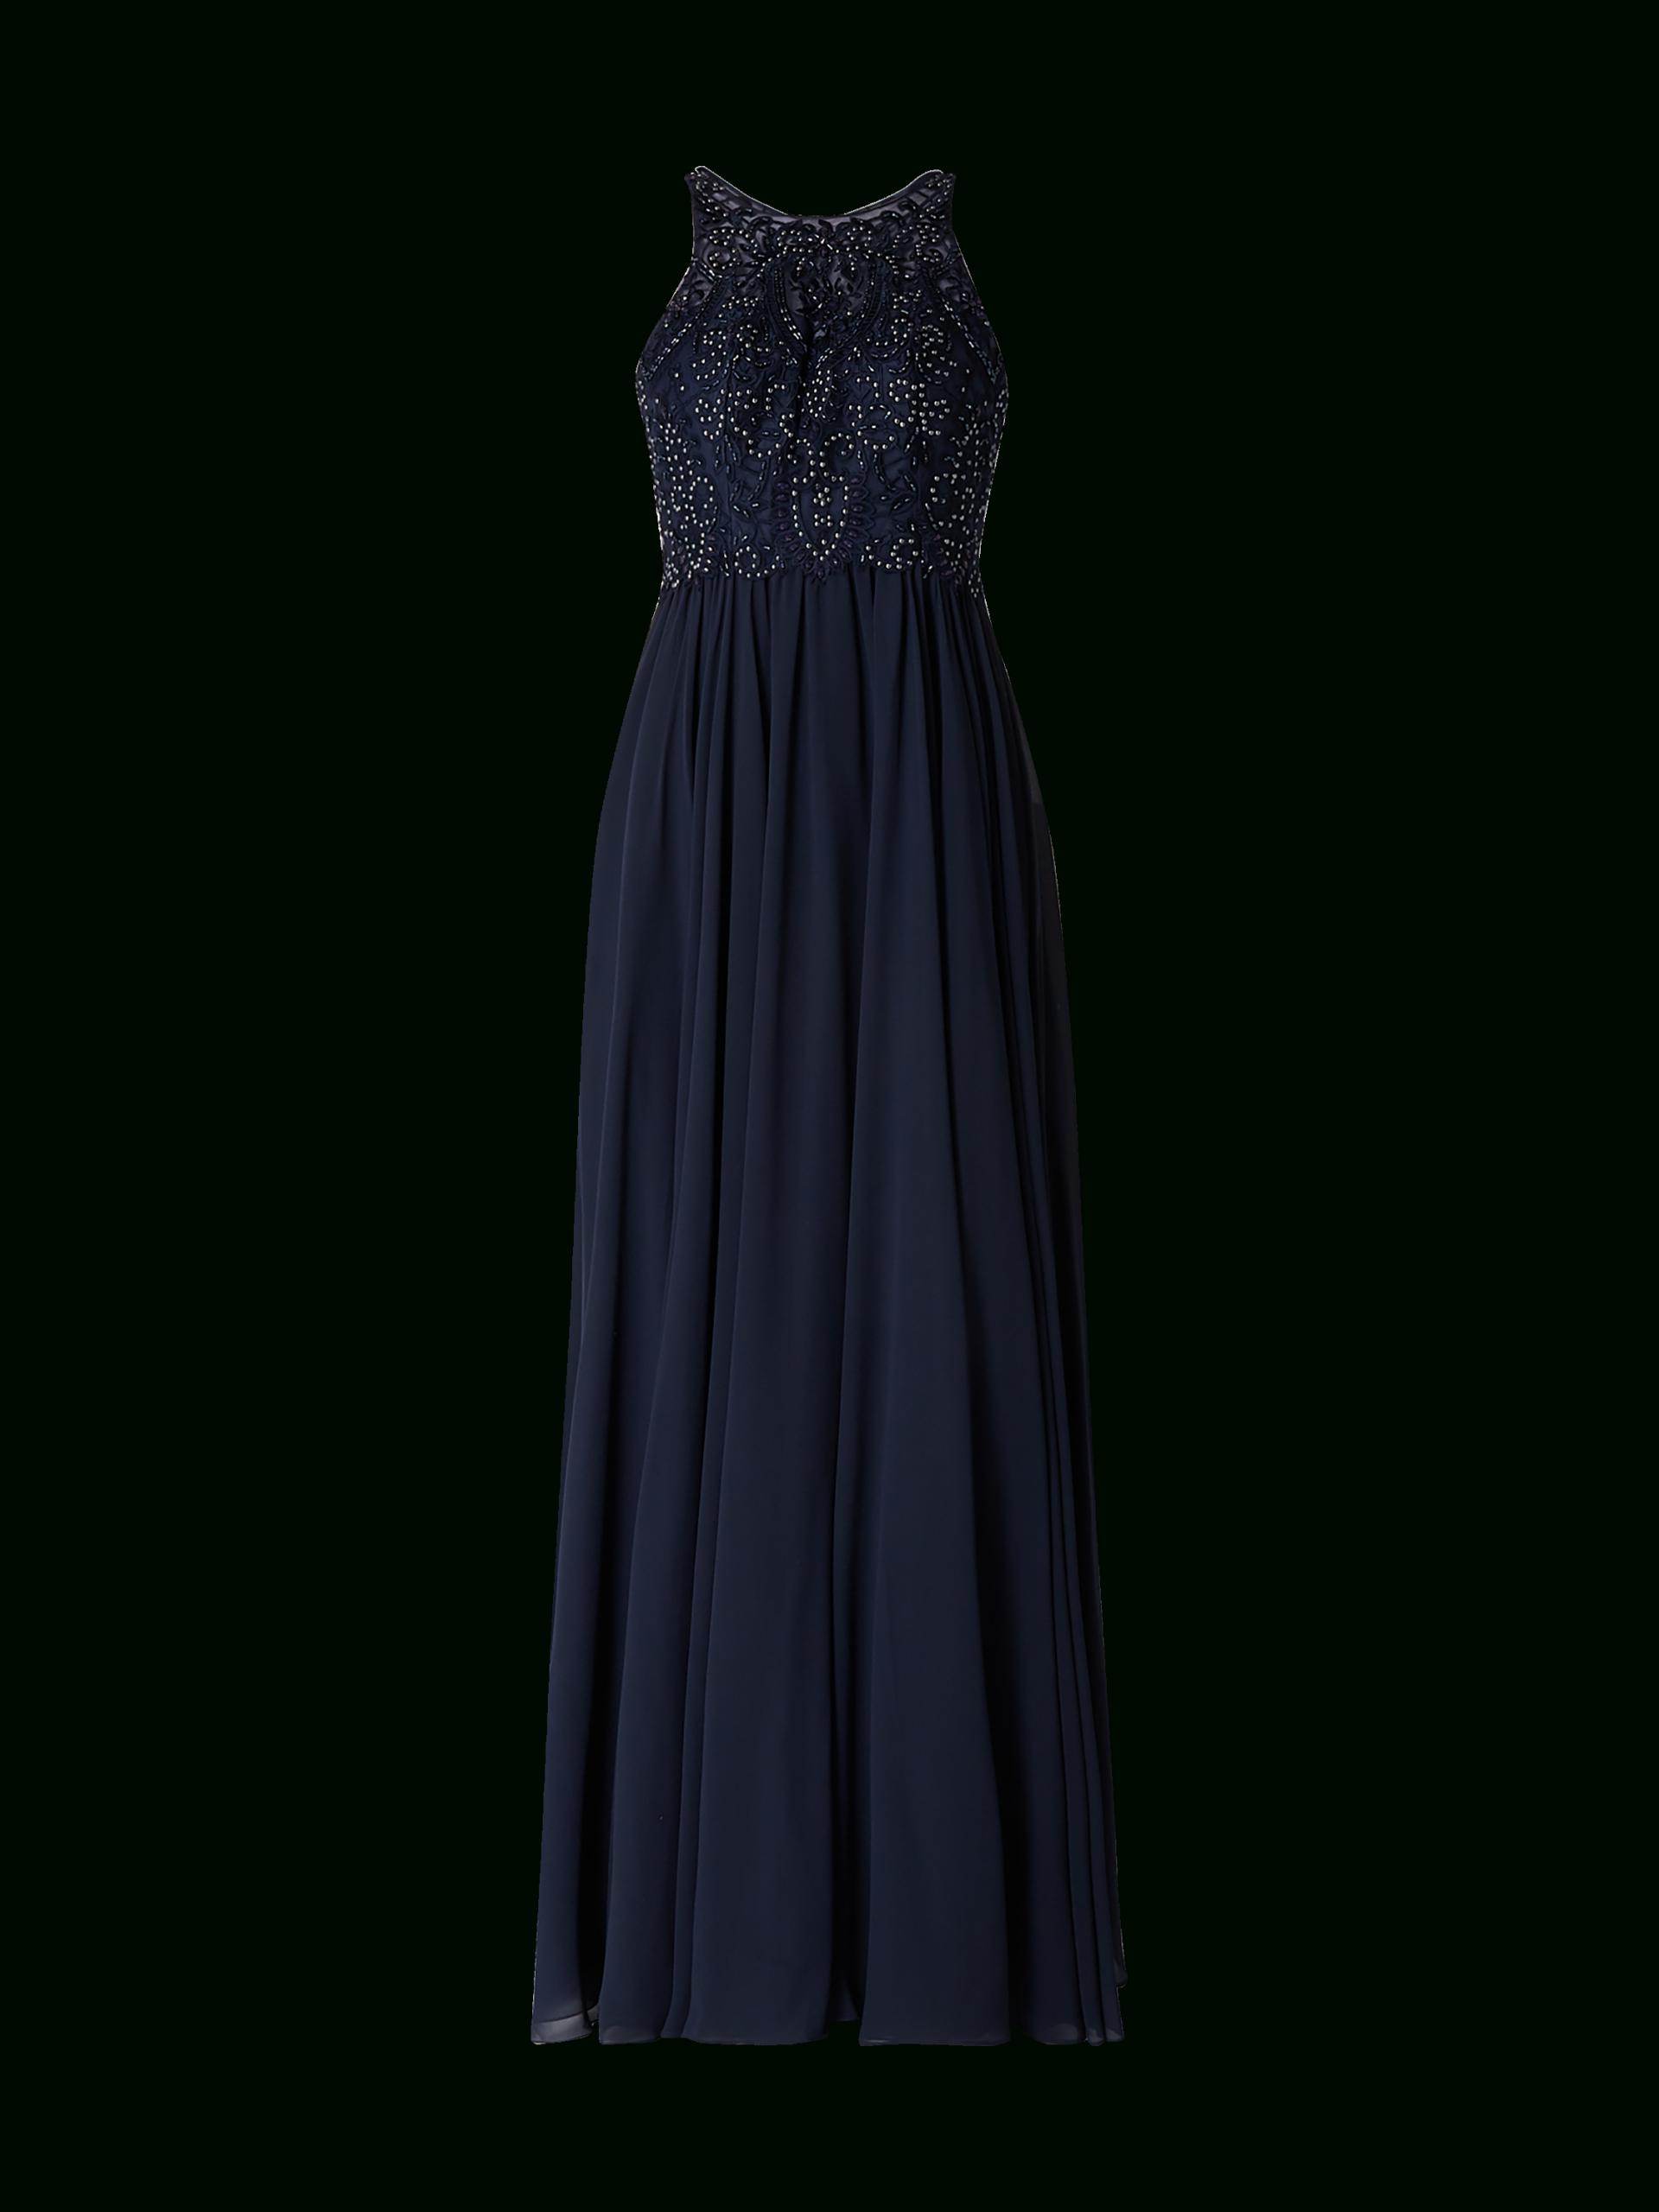 20 Coolste Laona Abendkleid Xxl ÄrmelDesigner Perfekt Laona Abendkleid Xxl Design